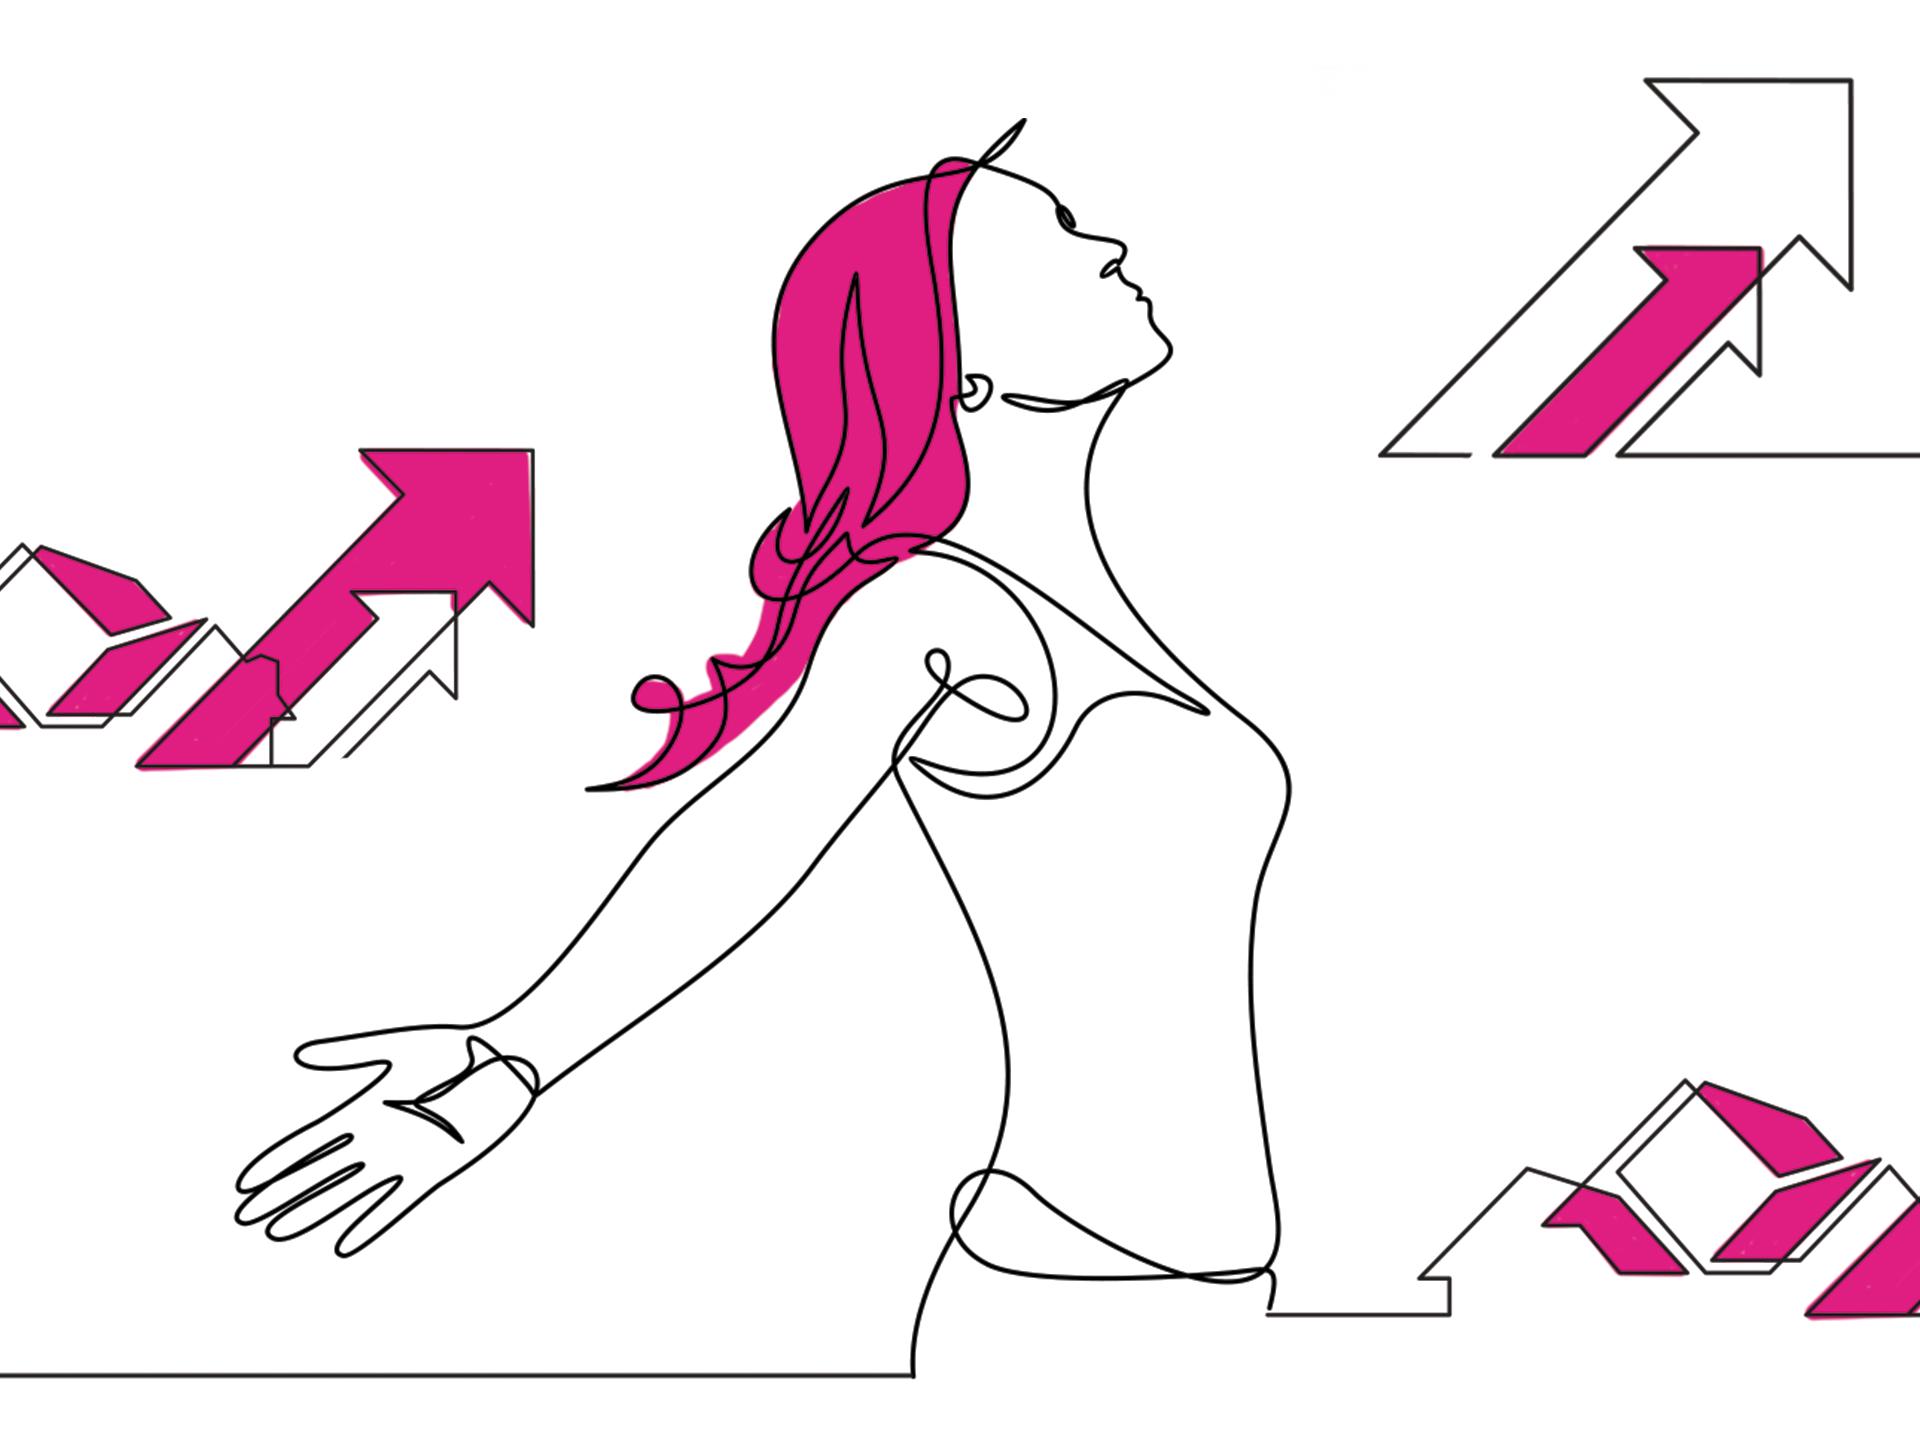 ilustração mulher olhando para cima com setas ao seu lado